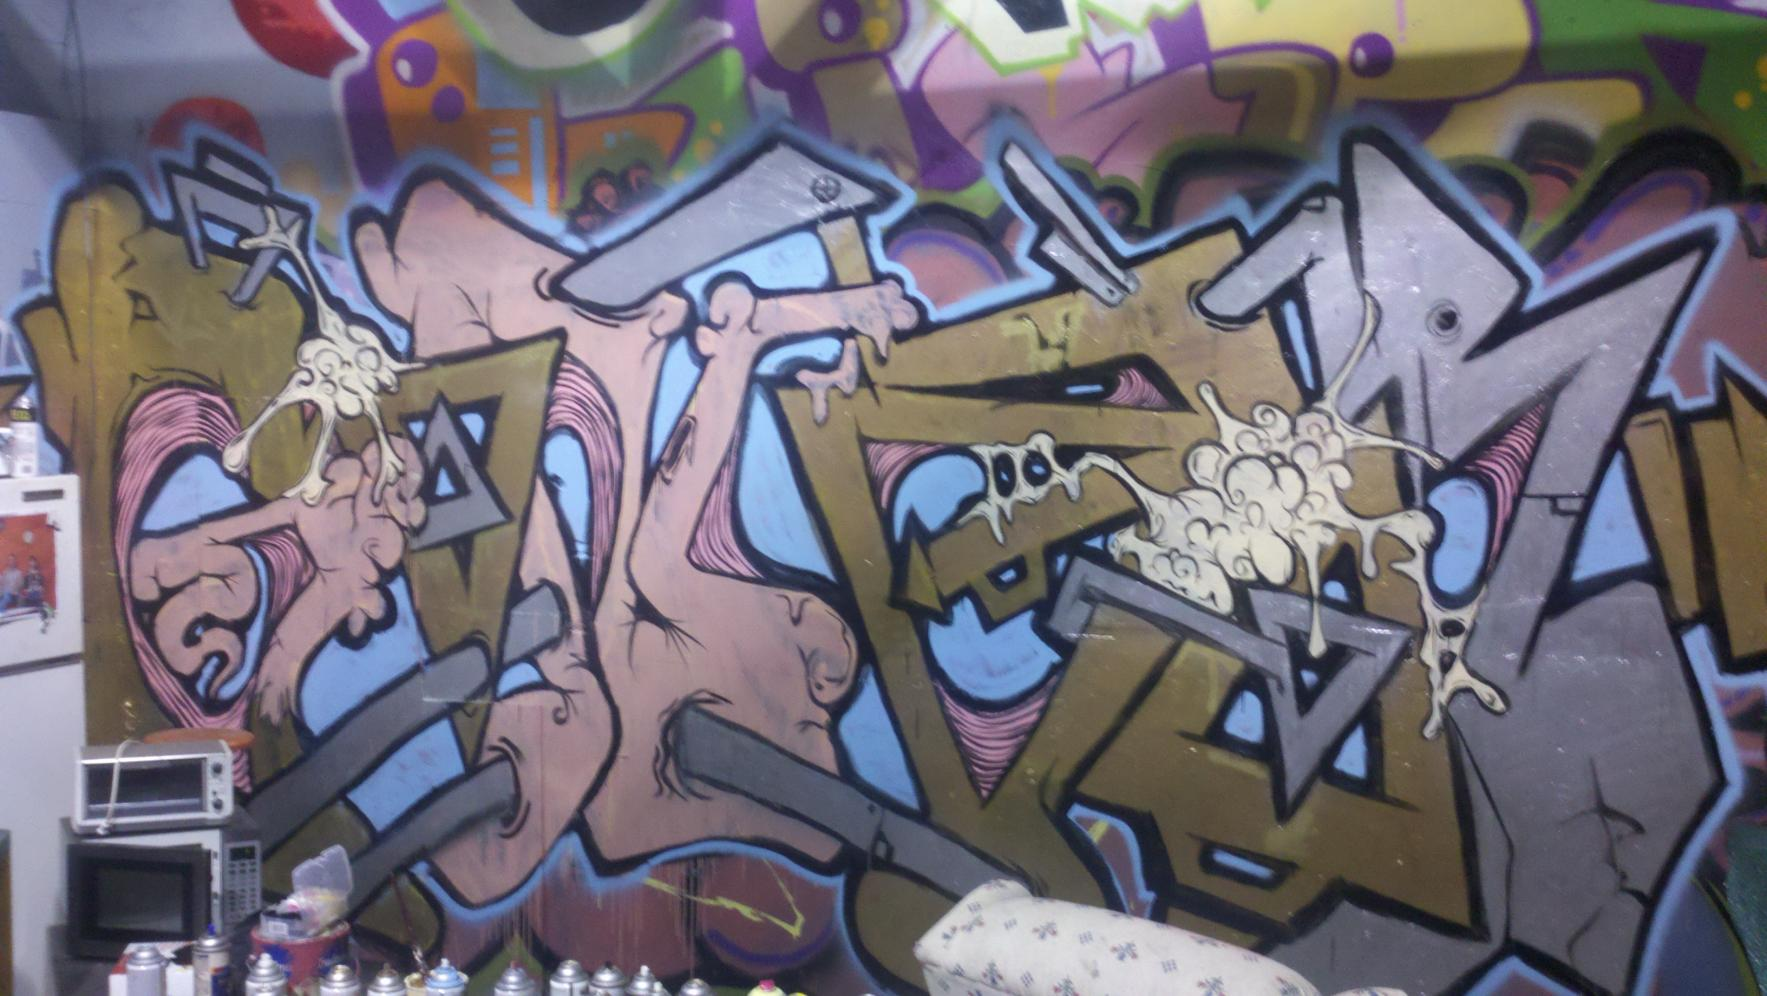 2011-02-24_22-03-41_66.jpg